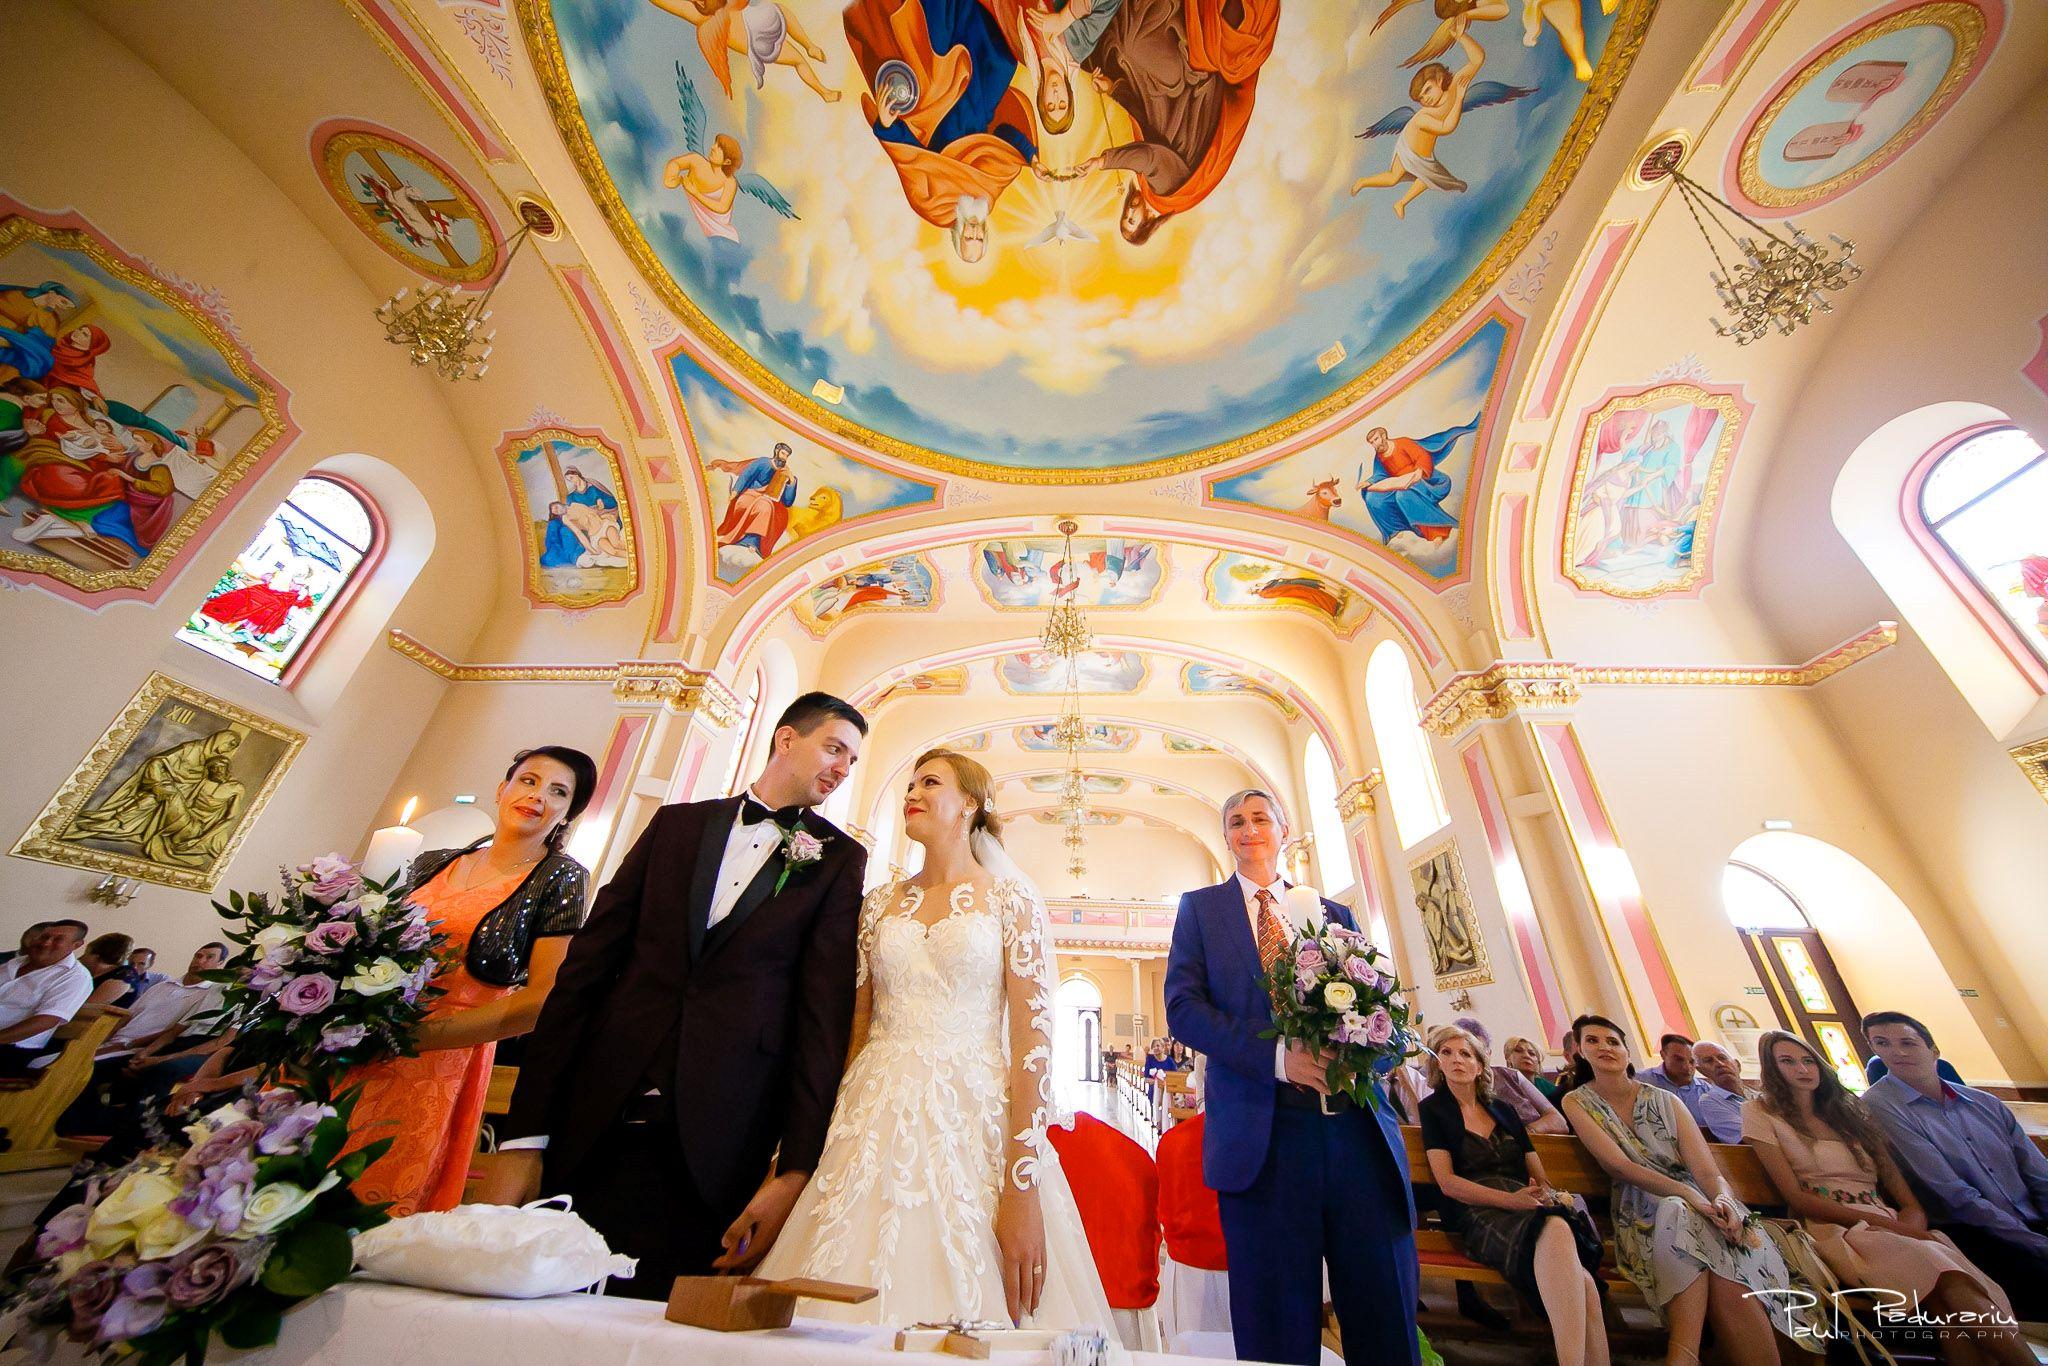 Diana Sebi nunta lavanda paul padurariu fotograf cununie religioasa Biserica Nașterea Sfintei Fecioare Maria Husi 6